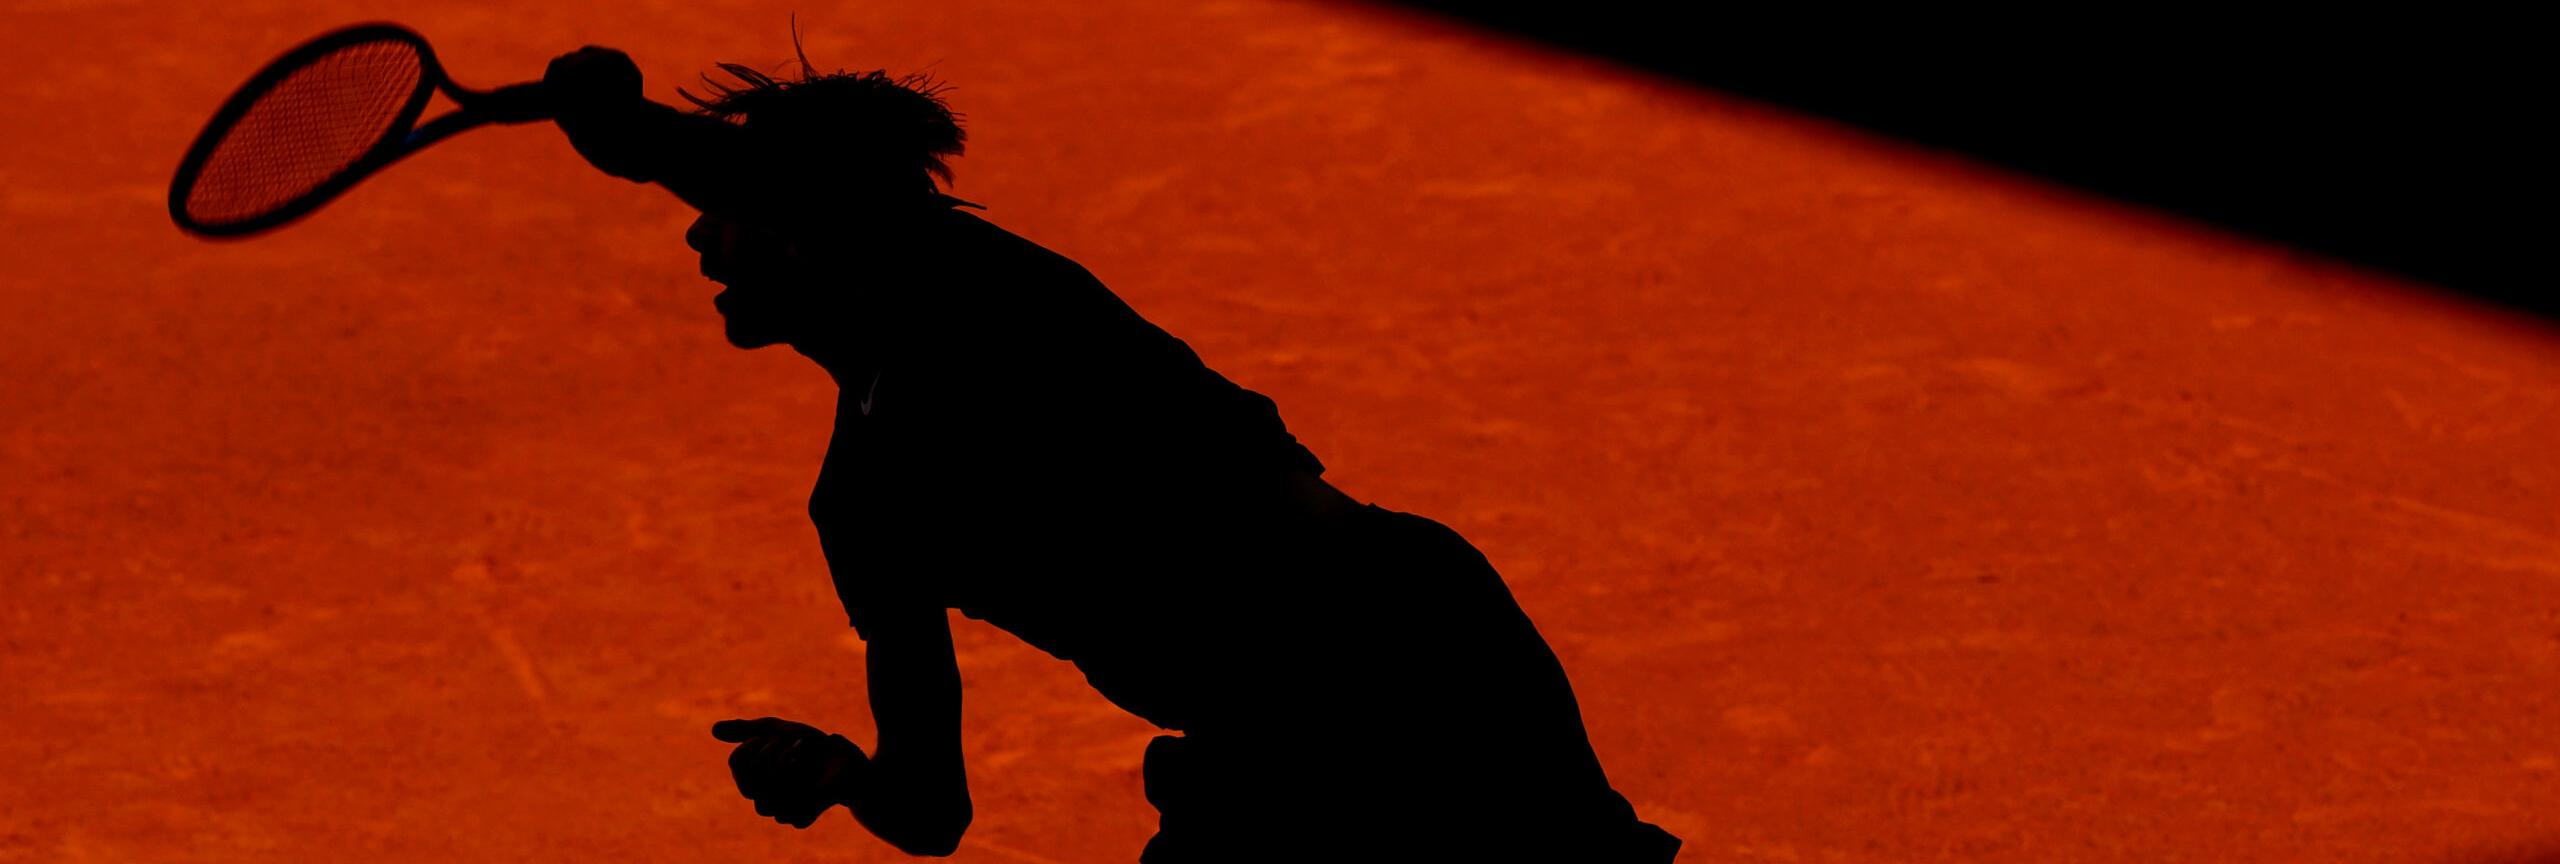 Pronostici ATP Madrid: Sinner all'esame Popyrin, Alcaraz contro l'idolo Nadal - 3 consigli per oggi